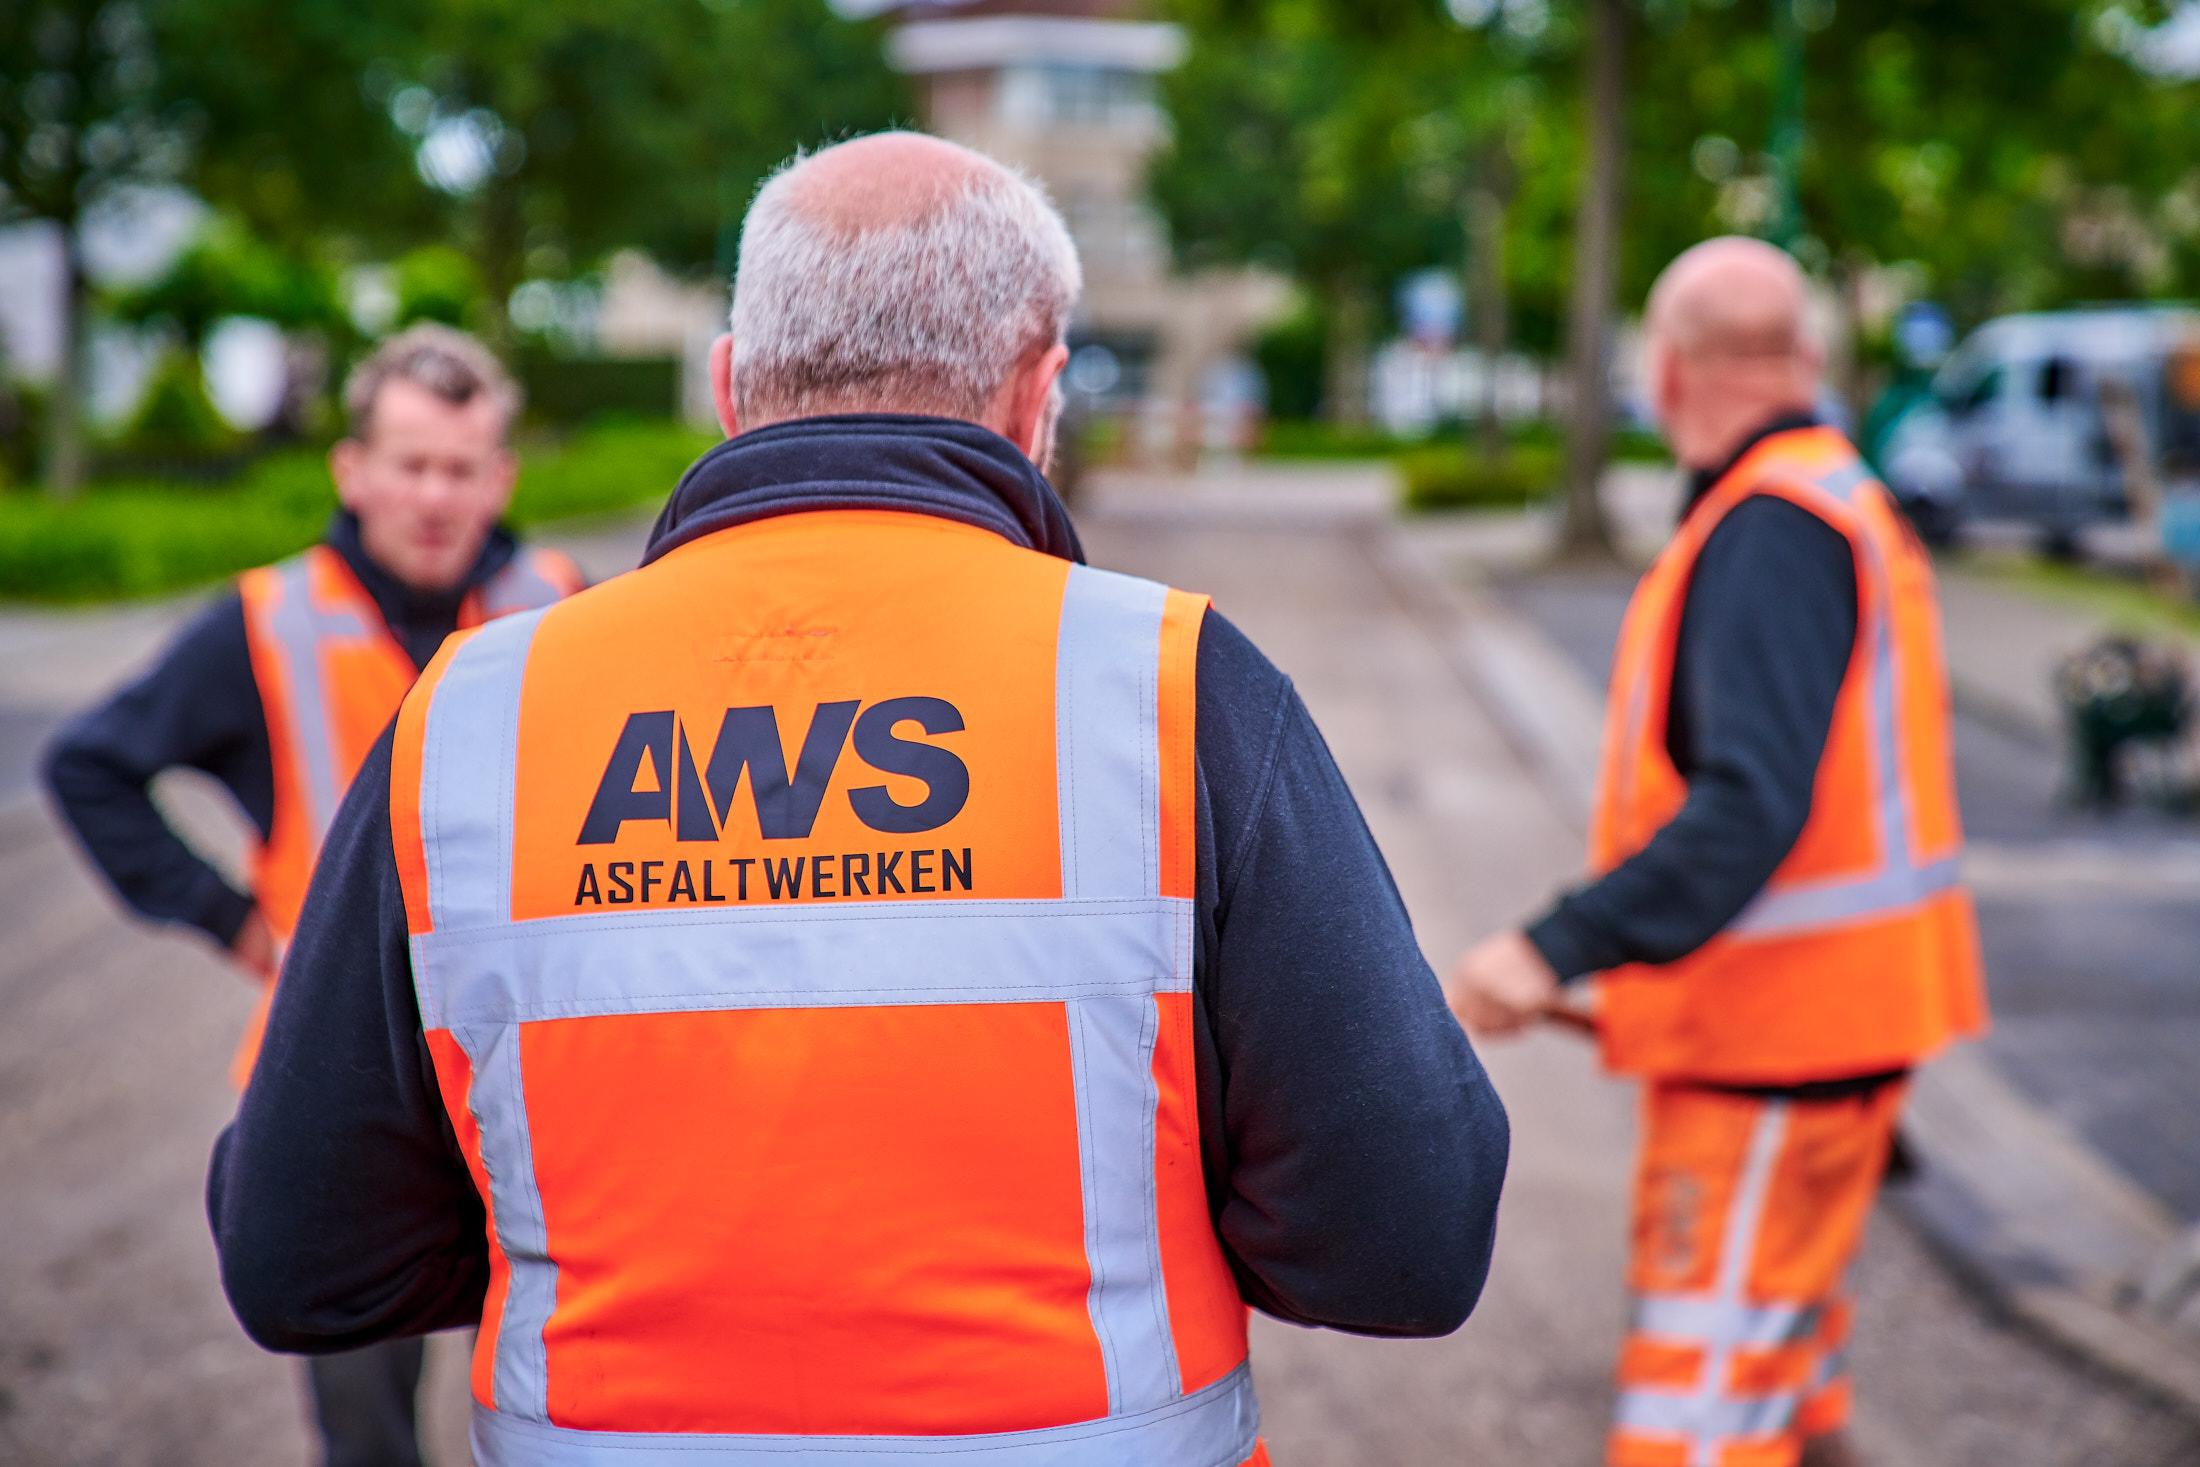 AWS asfaltwerken